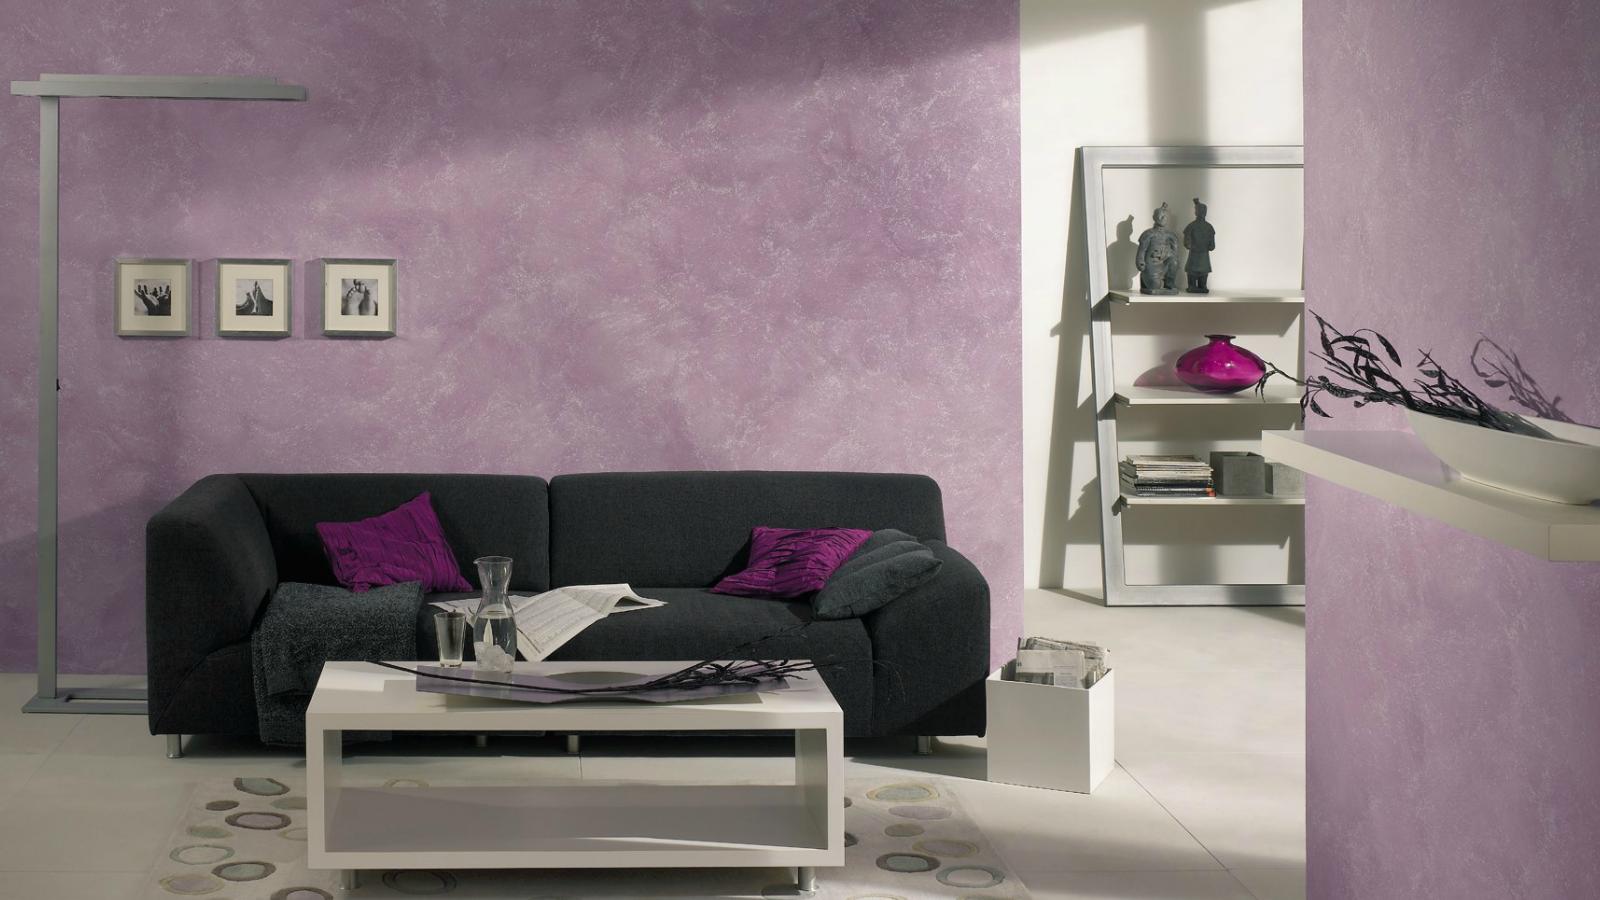 udo thull malerwerkstatt gmbh maler und abdeckungsunternehmen k ln deutschland tel. Black Bedroom Furniture Sets. Home Design Ideas